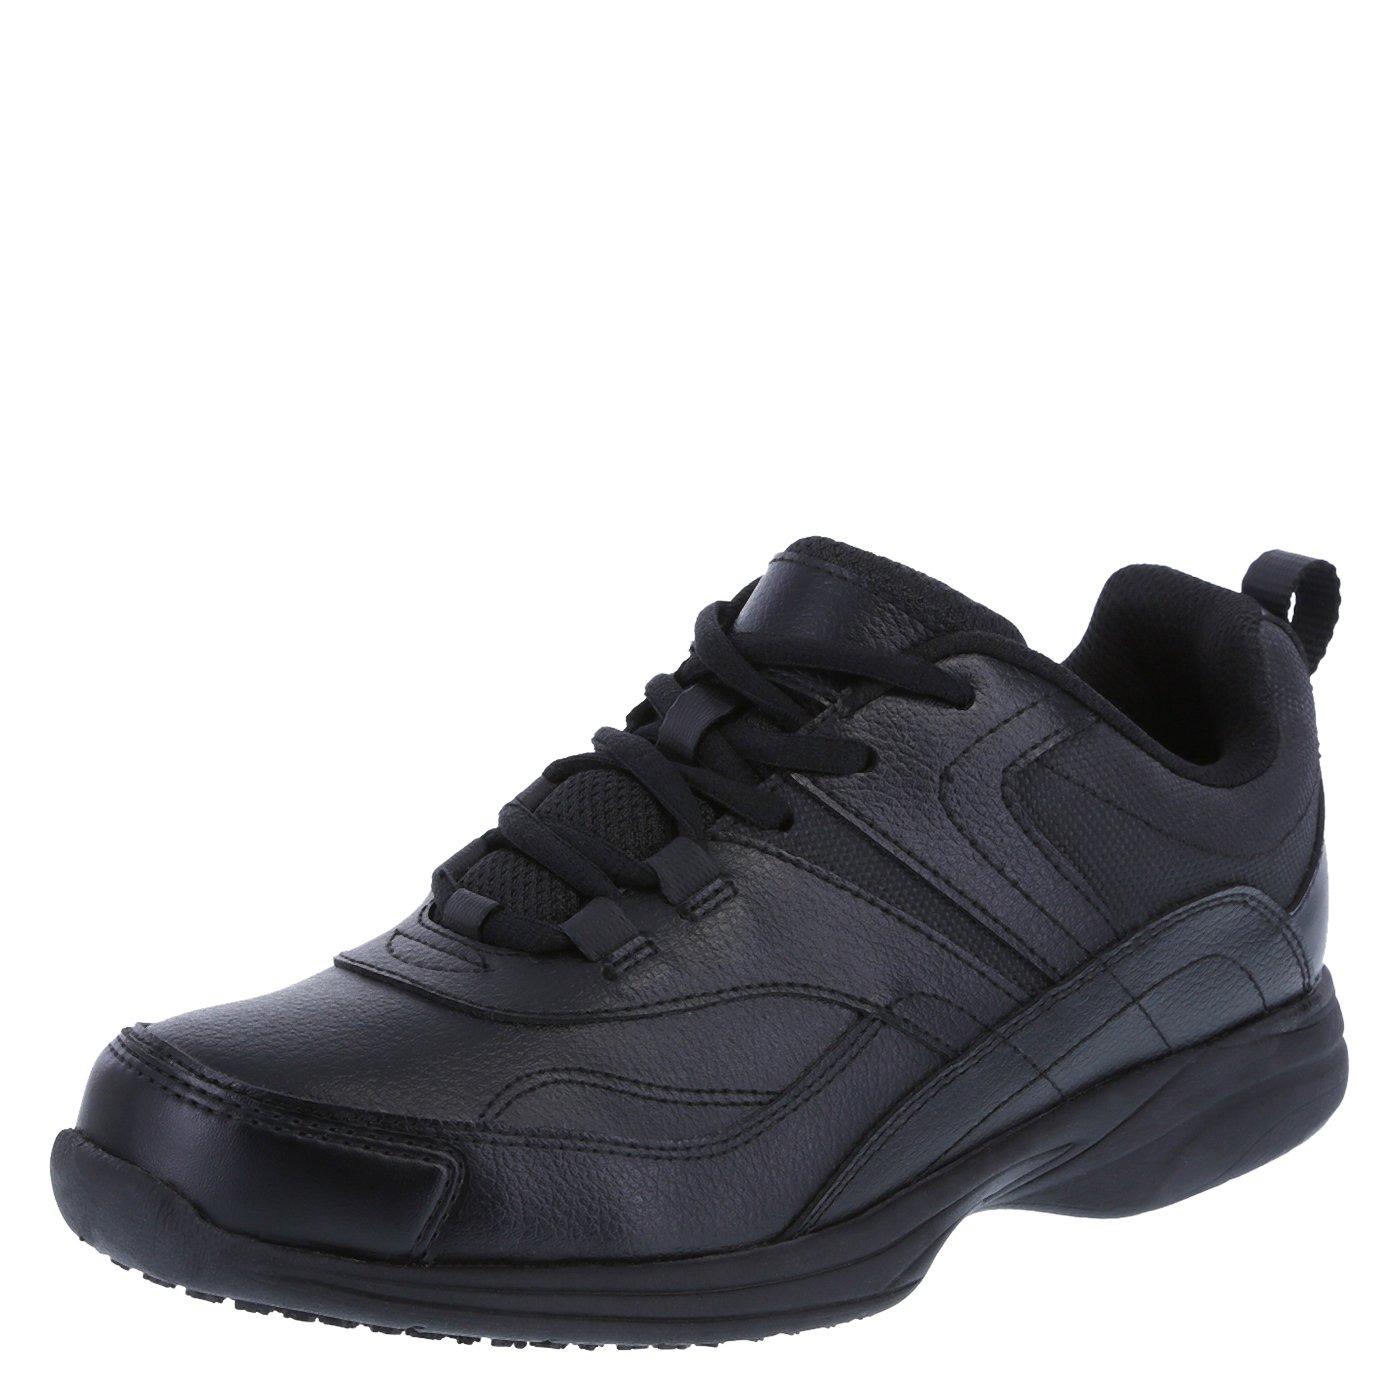 safeTstep Slip Resistant Women's Black Women's Athena Sneaker 7 Regular by safeTstep (Image #1)